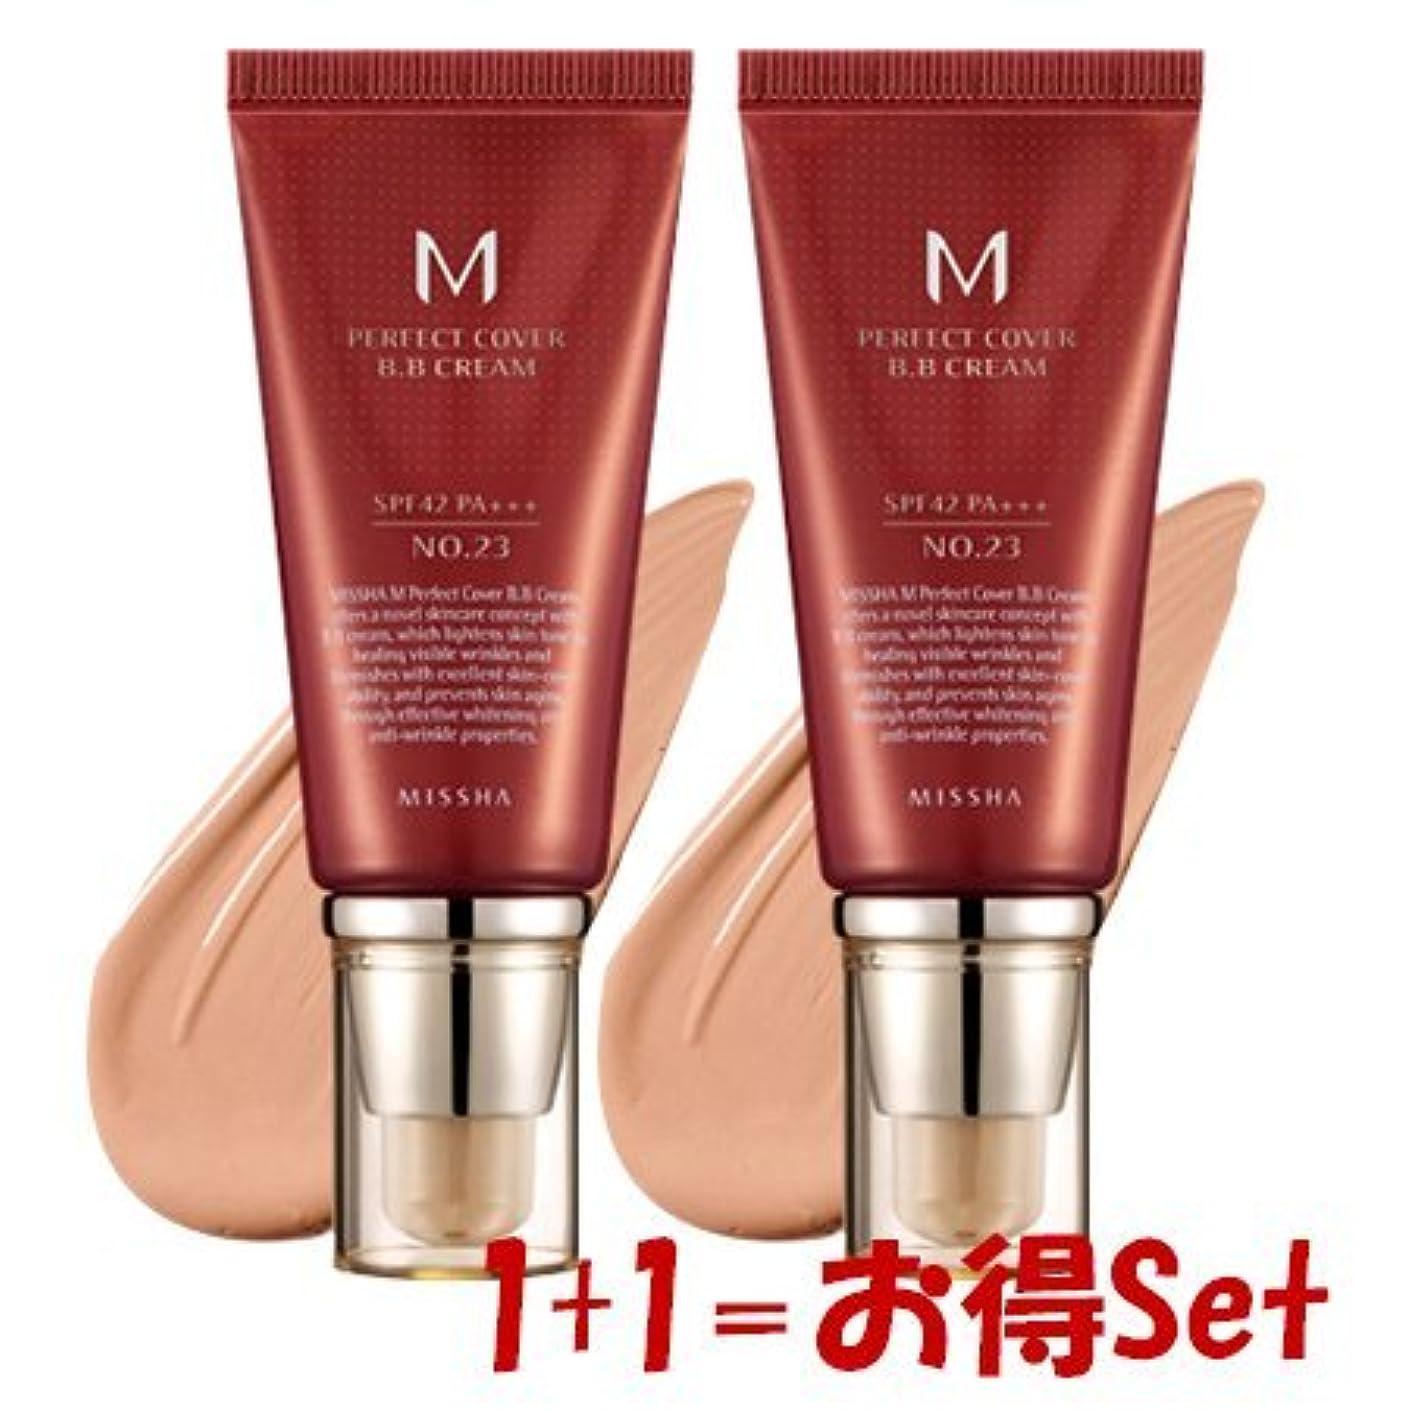 放つ置くためにパック。MISSHA(ミシャ) M Perfect Cover パーフェクトカバーBBクリーム 23号+23号(1+1=お得Set)